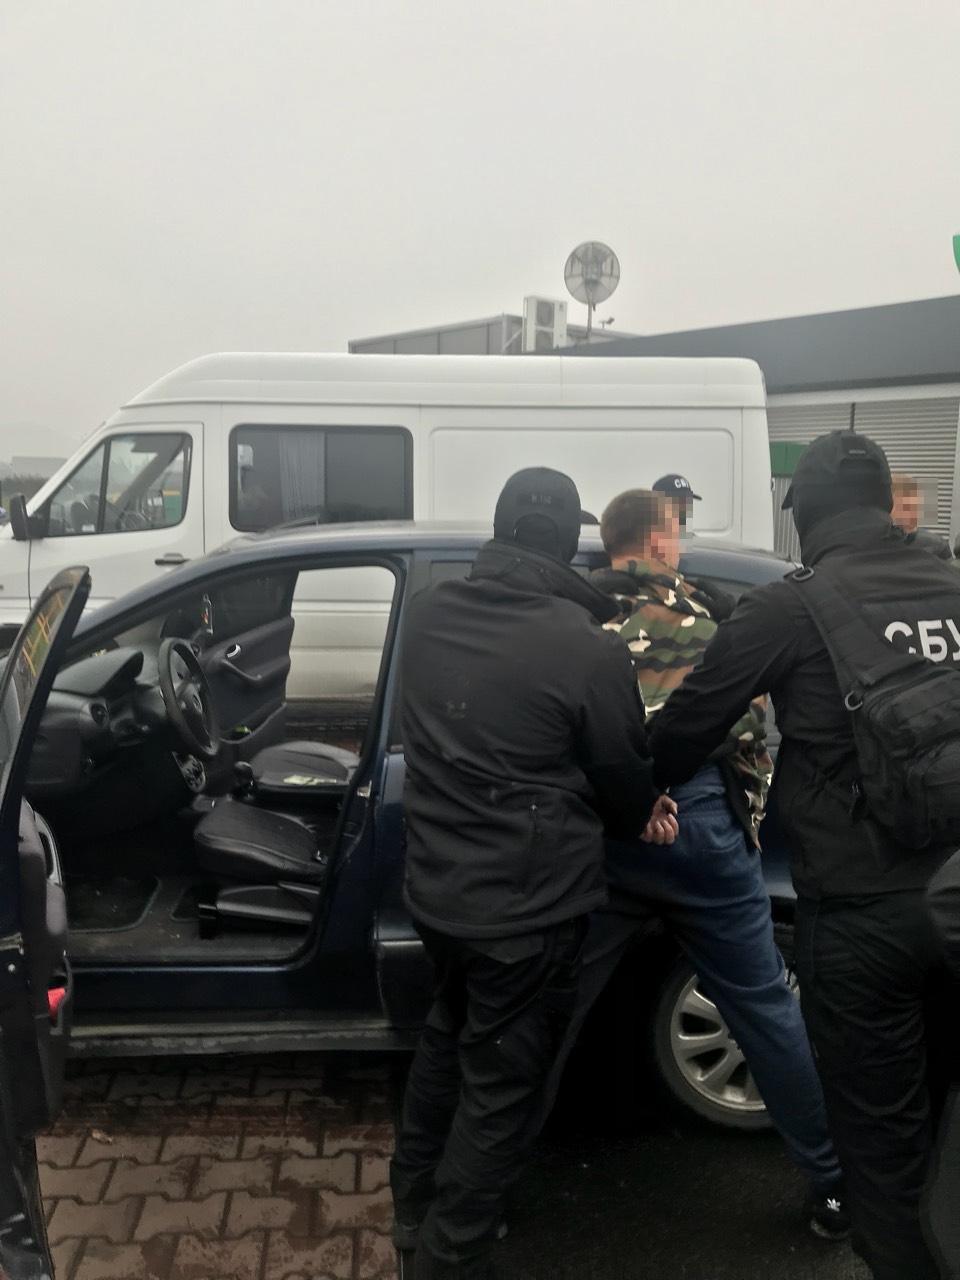 Сприяв контрабанді: на Закарпатті затримали лейтенанта-прикордонника на хабарі у 2100 доларів (ФОТО), фото-1